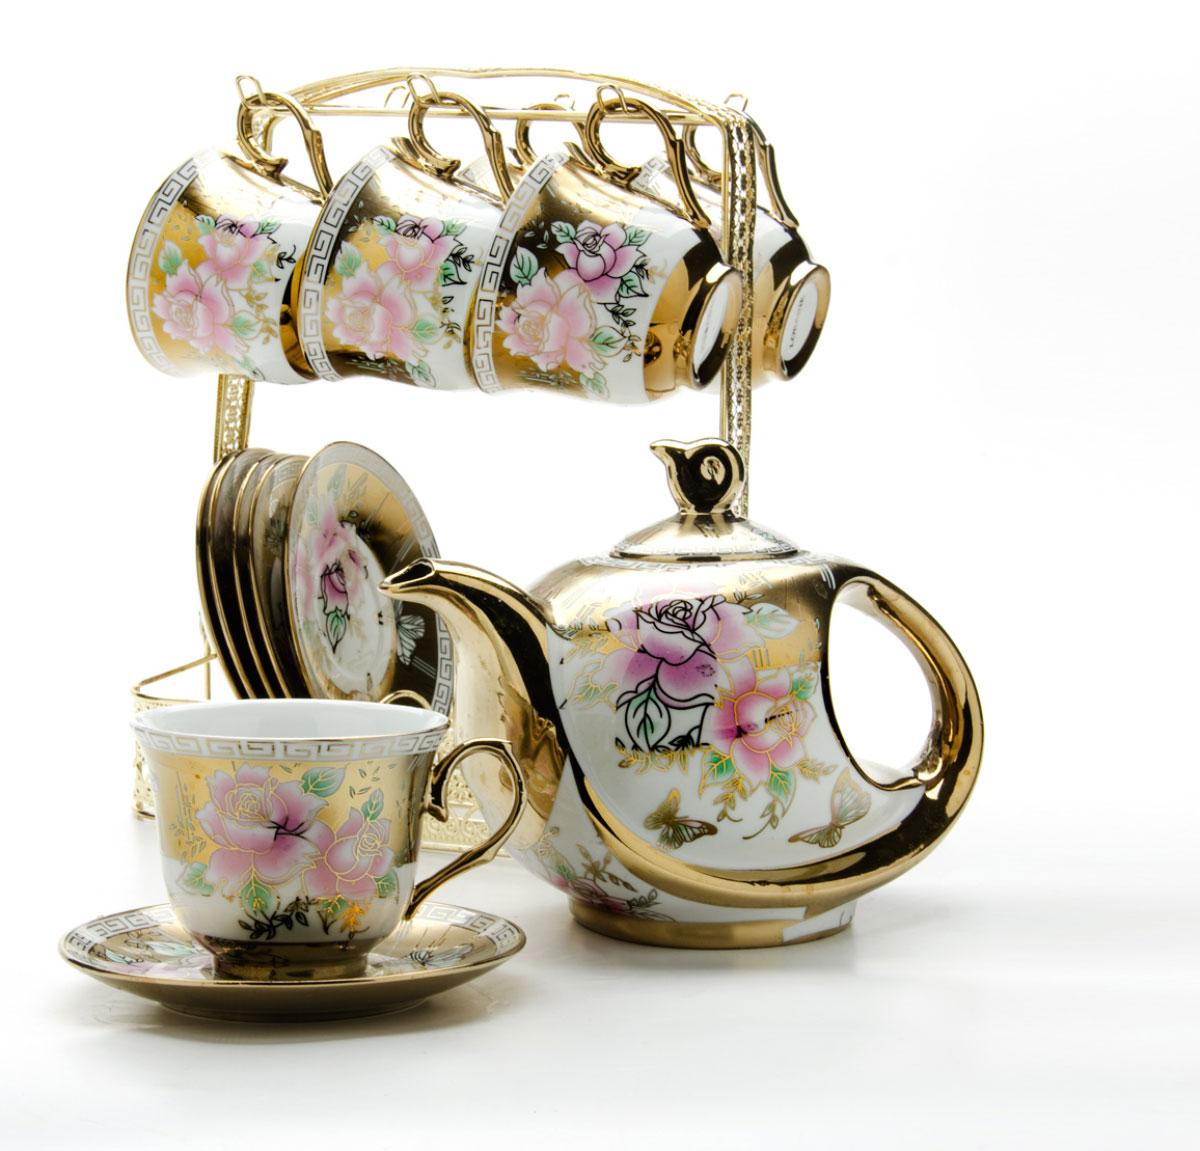 Набор чайный Loraine, на подставке, 15 предметов. 2478525607Чайный набор Loraine состоит из шести чашек, шести блюдец и заварочного чайника. Предметы набора изготовлены из керамики и оформлены изображением цветов и бабочек. Все предметы располагаются на удобной металлической подставке с ручкой. Элегантный дизайн набора придется по вкусу и ценителям классики, и тем, кто предпочитает утонченность и изысканность. Он настроит на позитивный лад и подарит хорошее настроение с самого утра. Чайный набор идеально подойдет для сервировки стола и станет отличным подарком к любому празднику.Объем чашки: 220 мл.Объем чайника: 950 мл.Диаметр блюдца: 13,5 см.